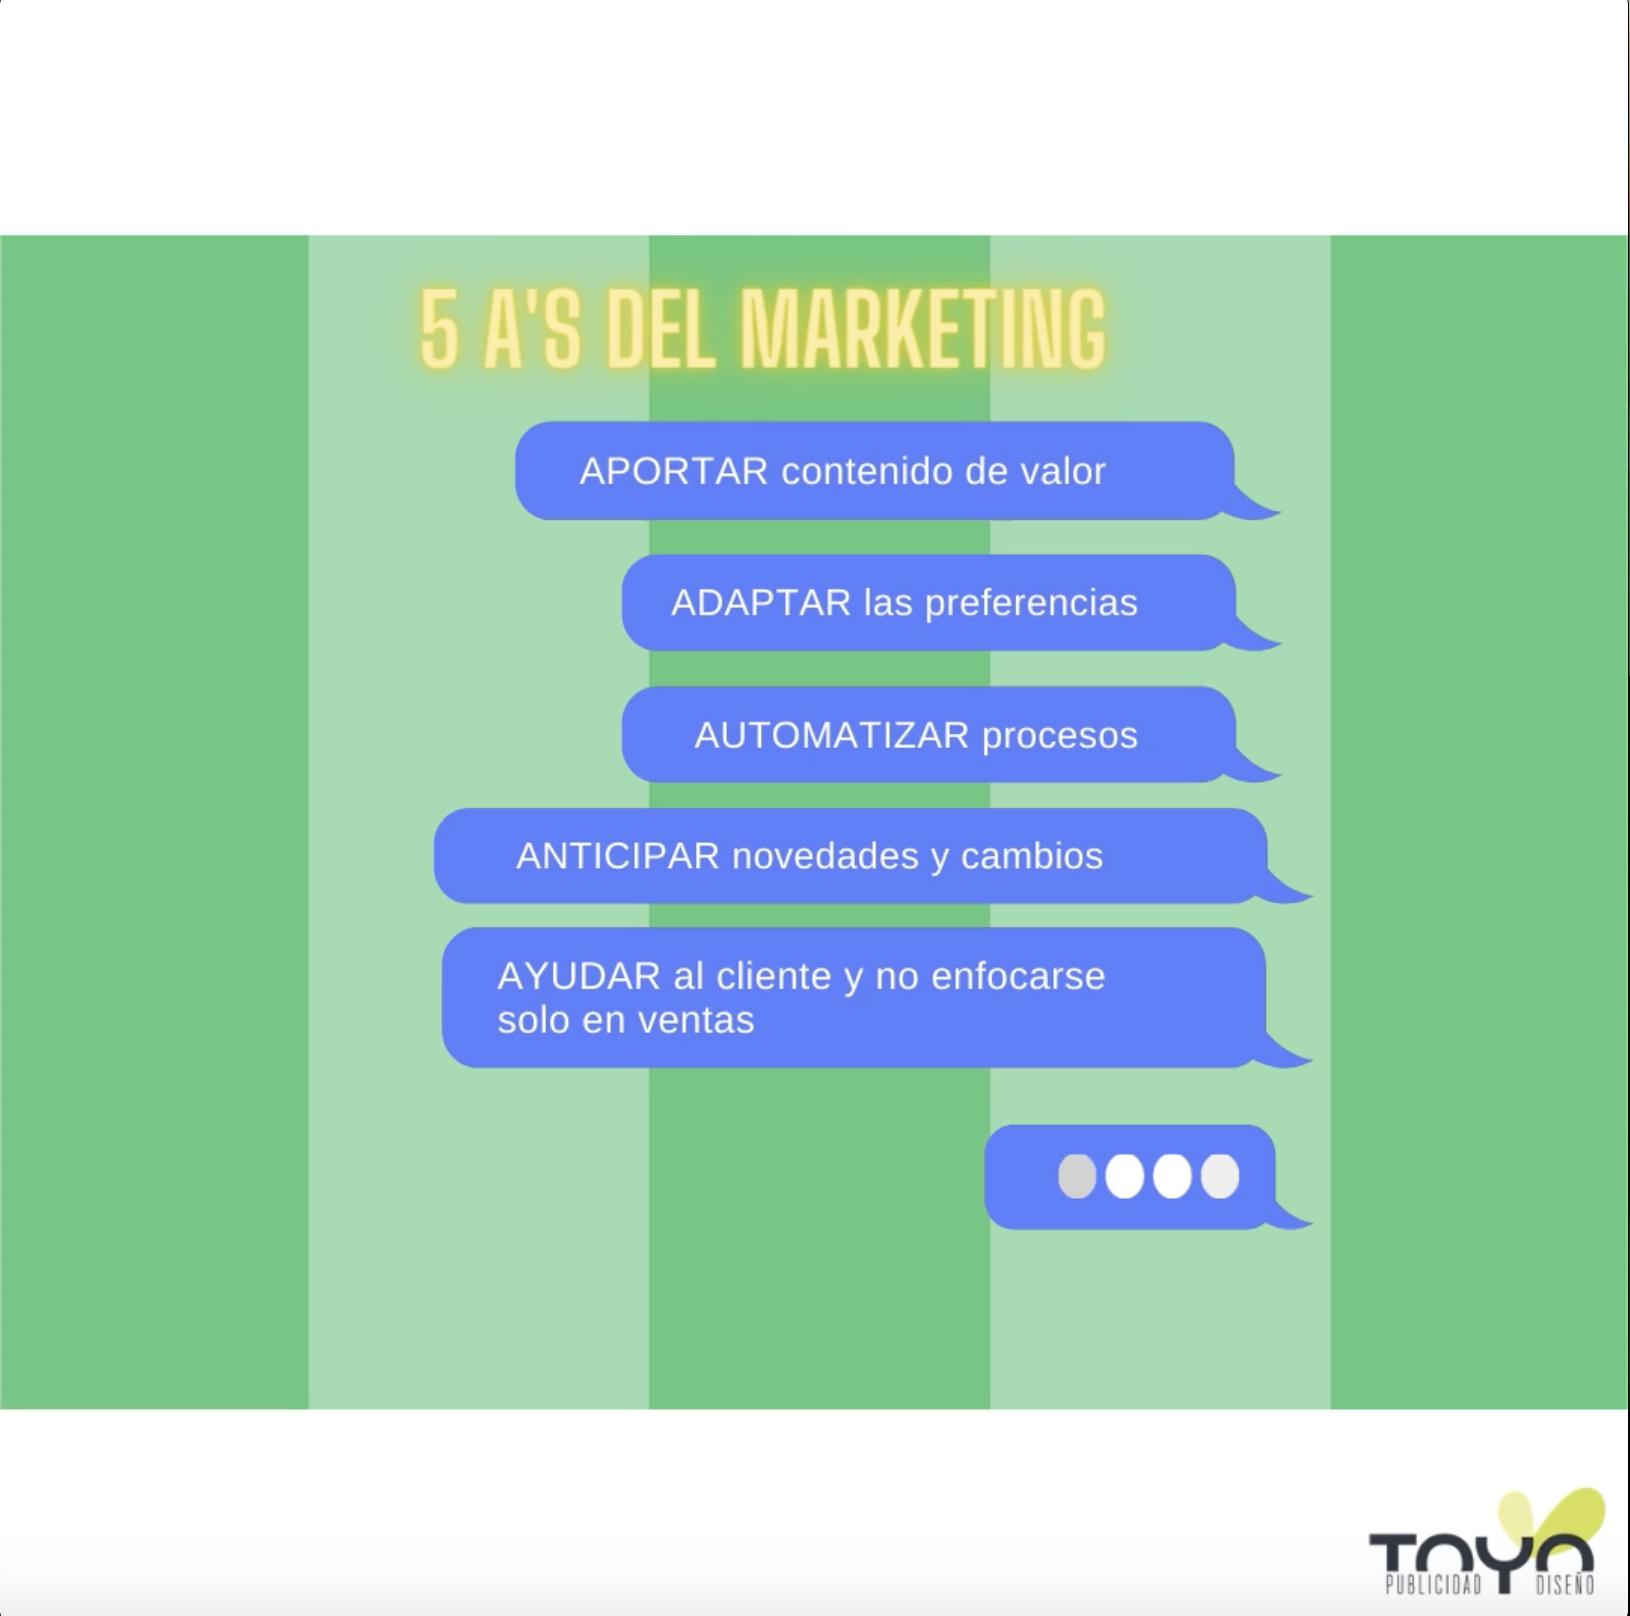 5AS del marketing